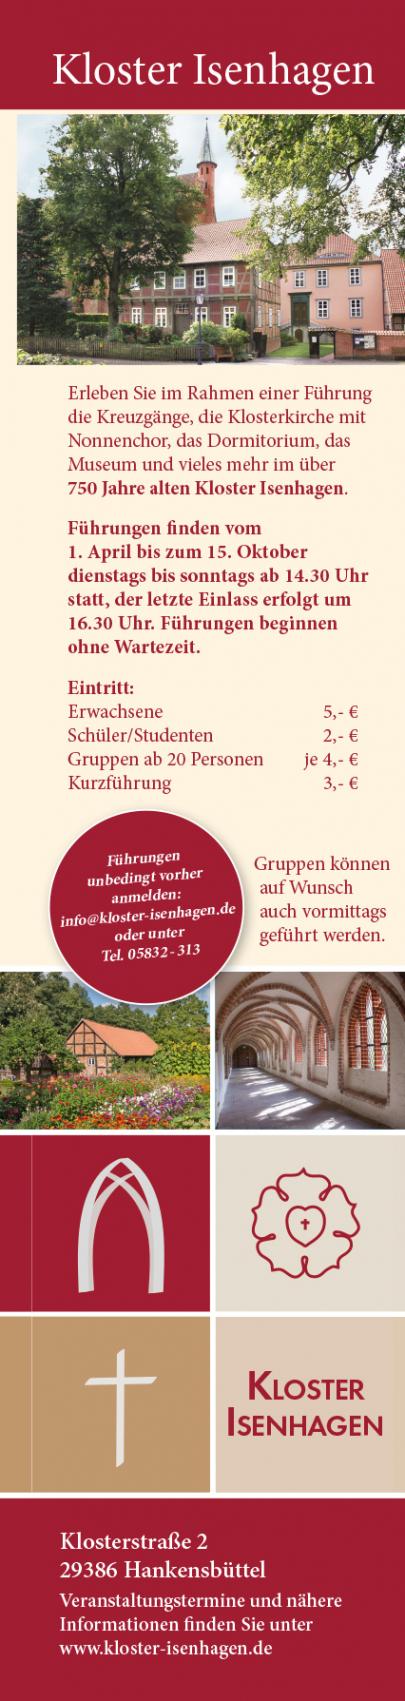 Kloster_Isenhagen_Anzeige_DRUCK